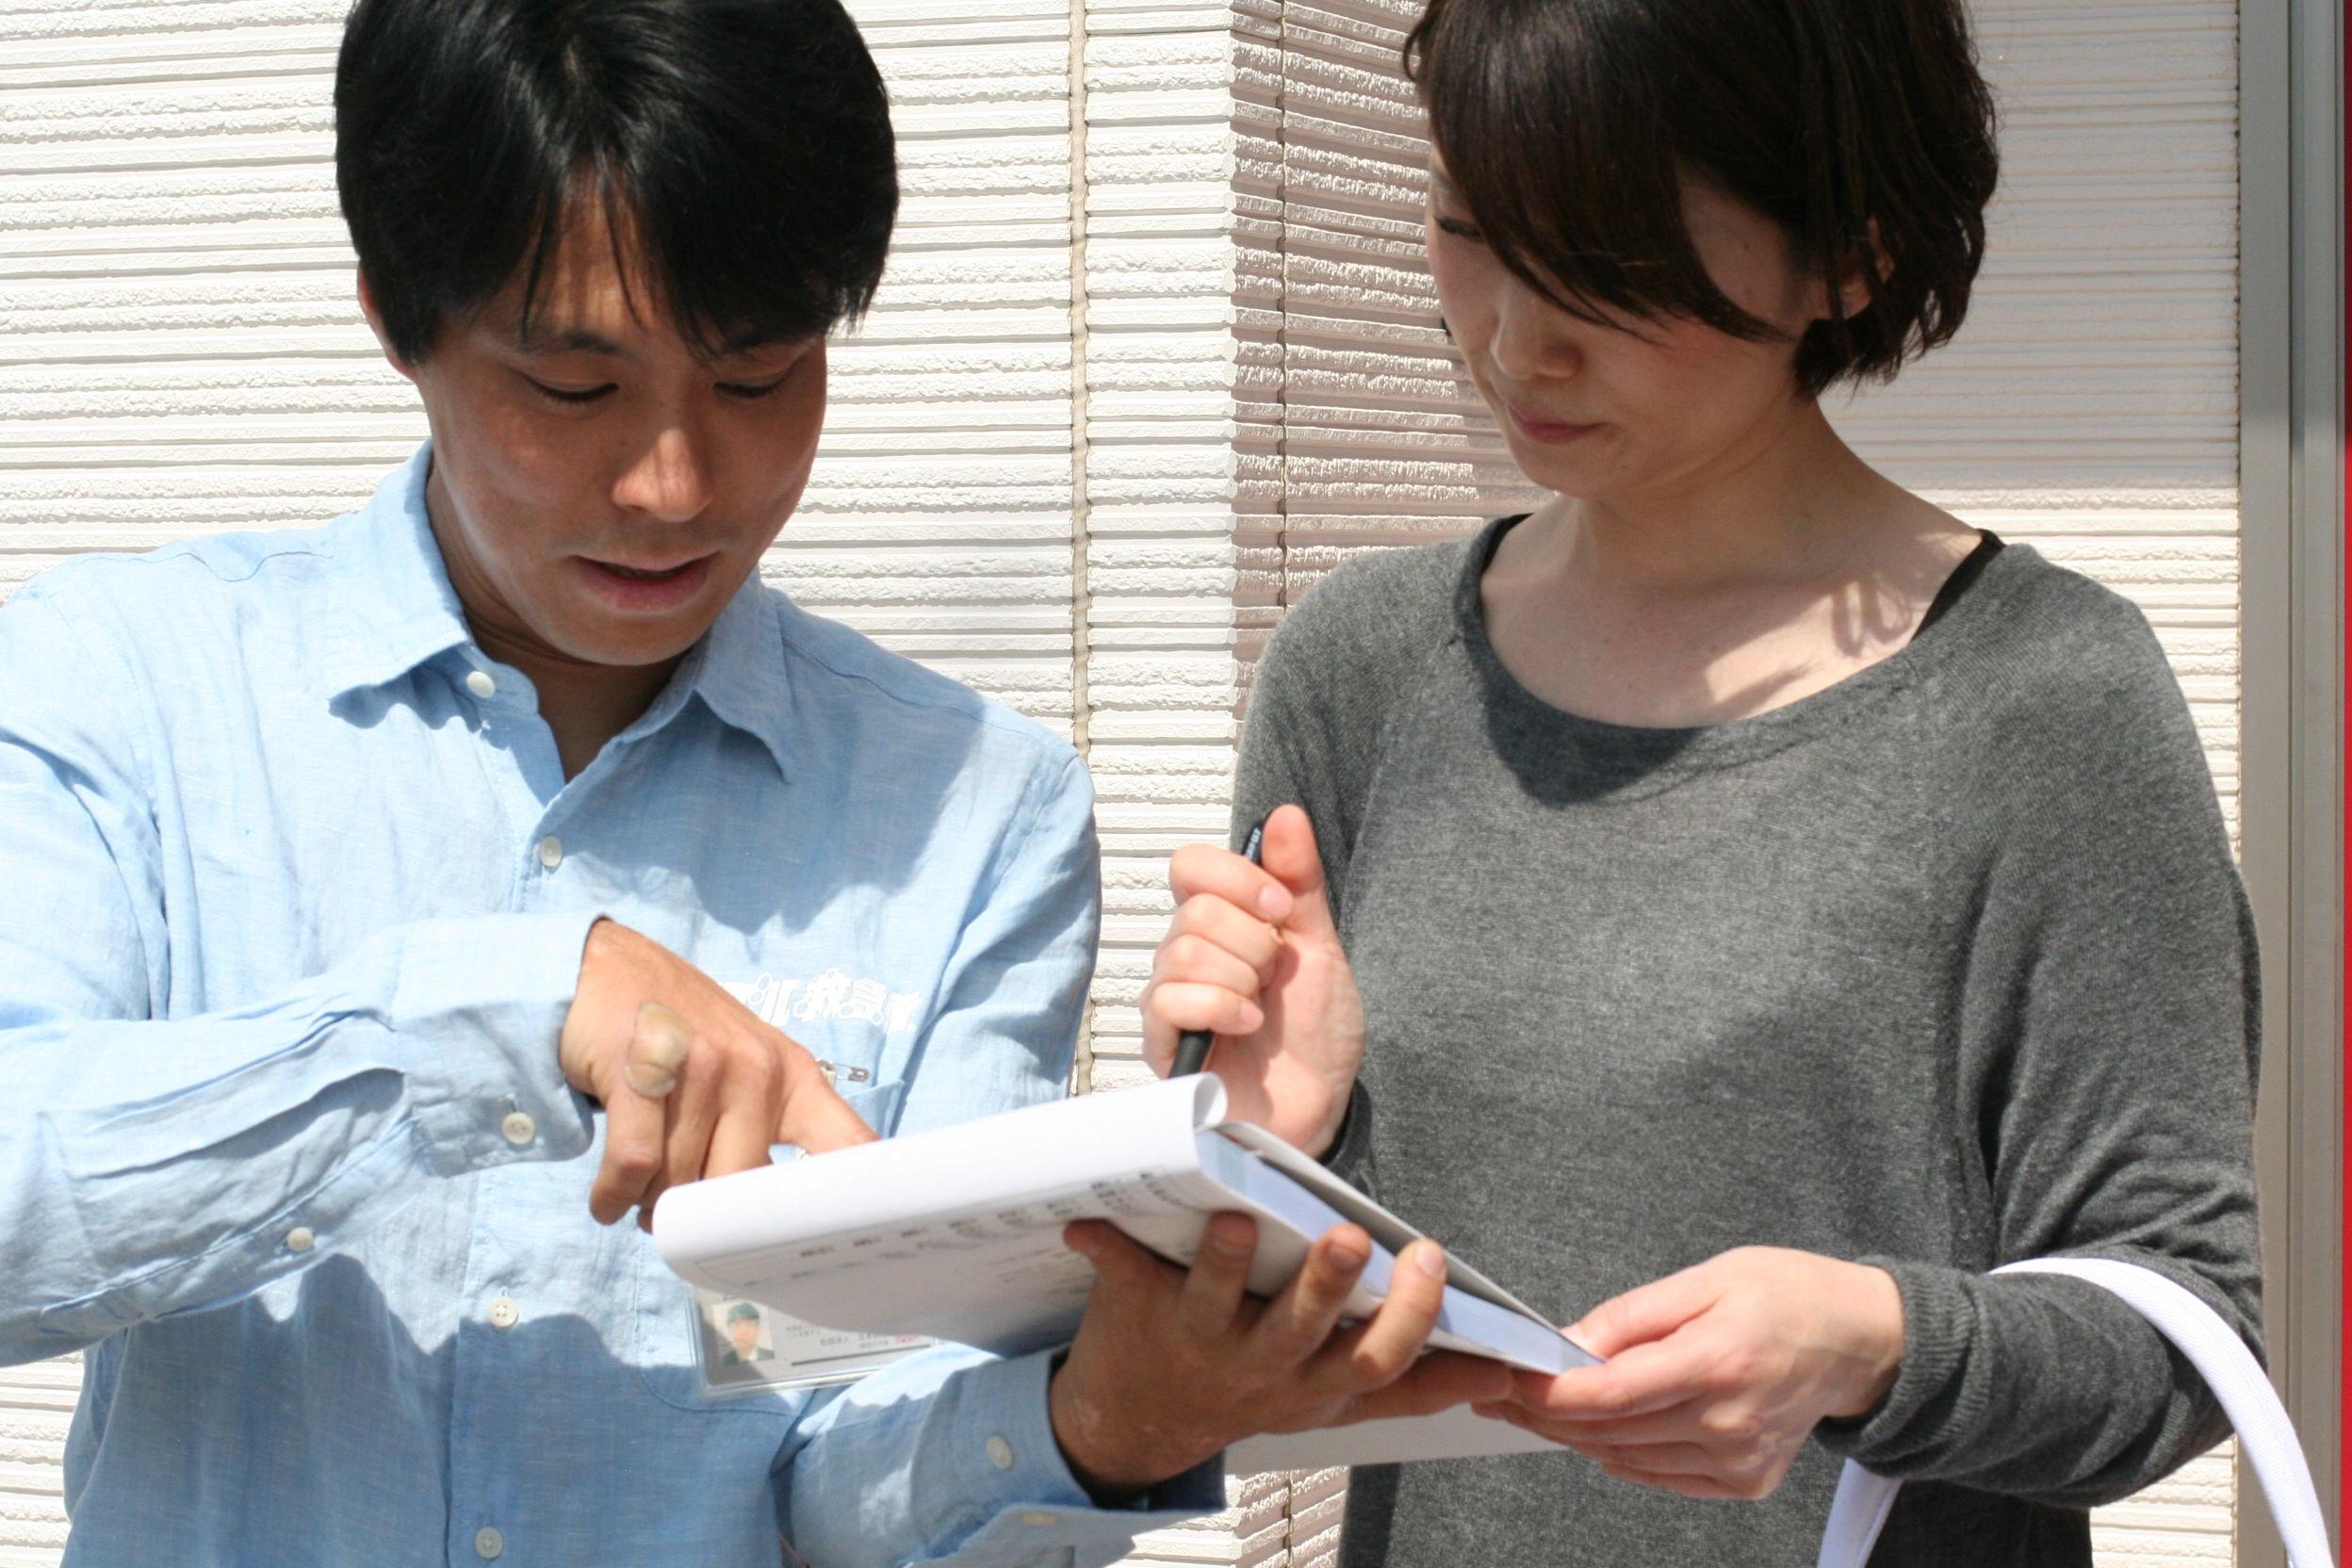 鍵のトラブル救急車【静岡市清水区 出張エリア】のメイン画像